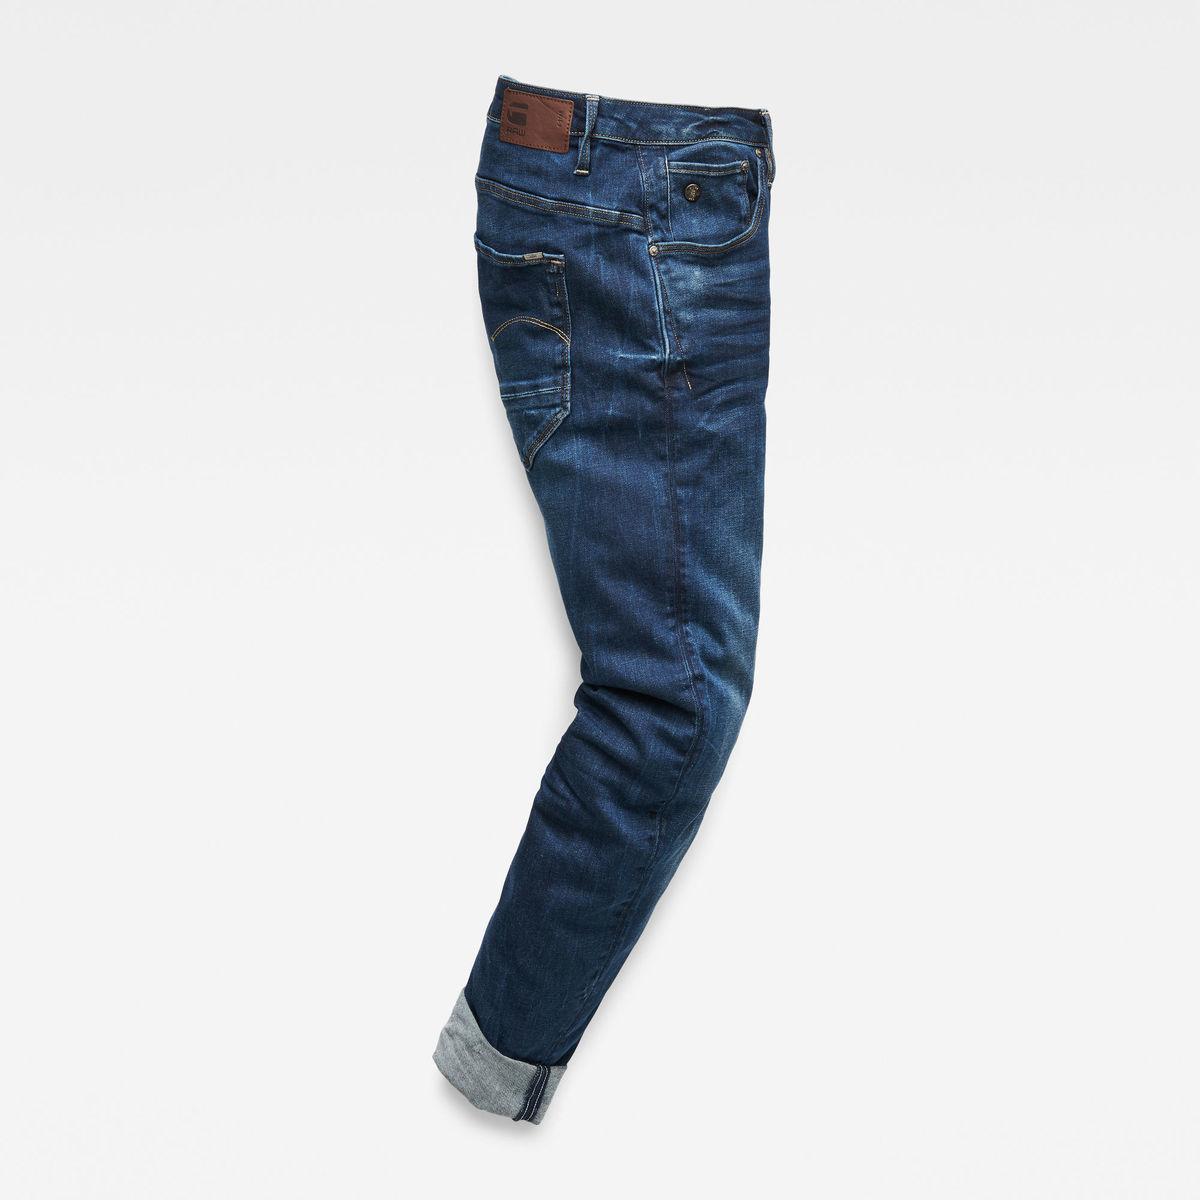 Bild 2 von Arc-Z 3D Kate Low Waist Boyfriend Jeans